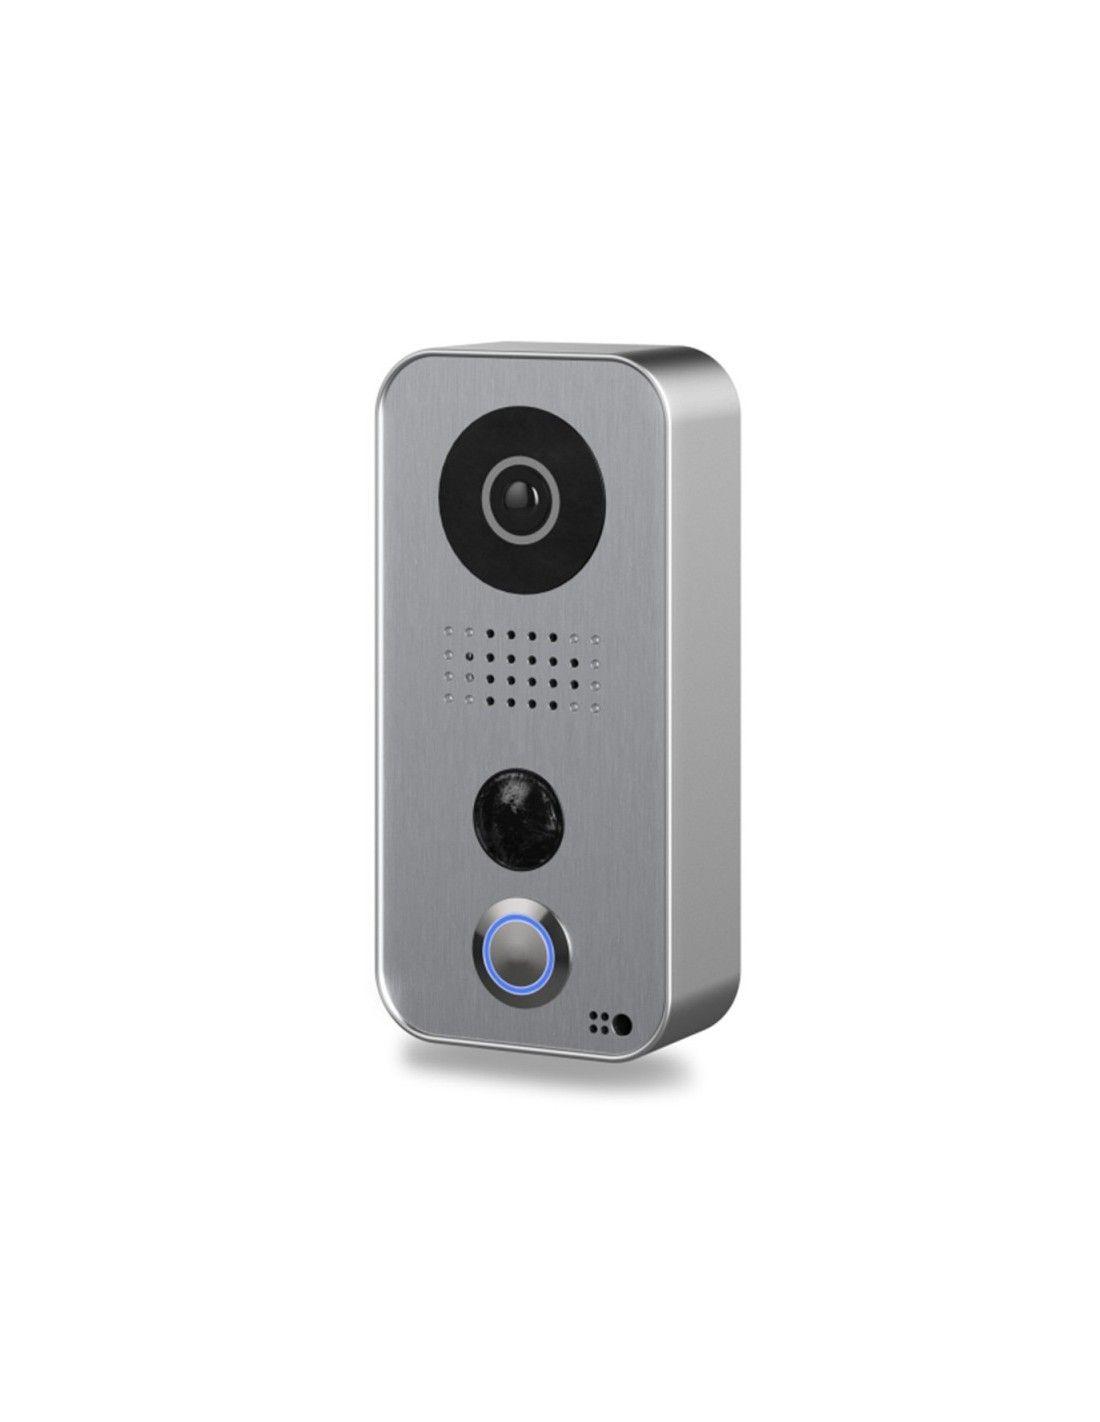 Doorbird portier vid o connect d101s silver edition - Portier video connecte ...